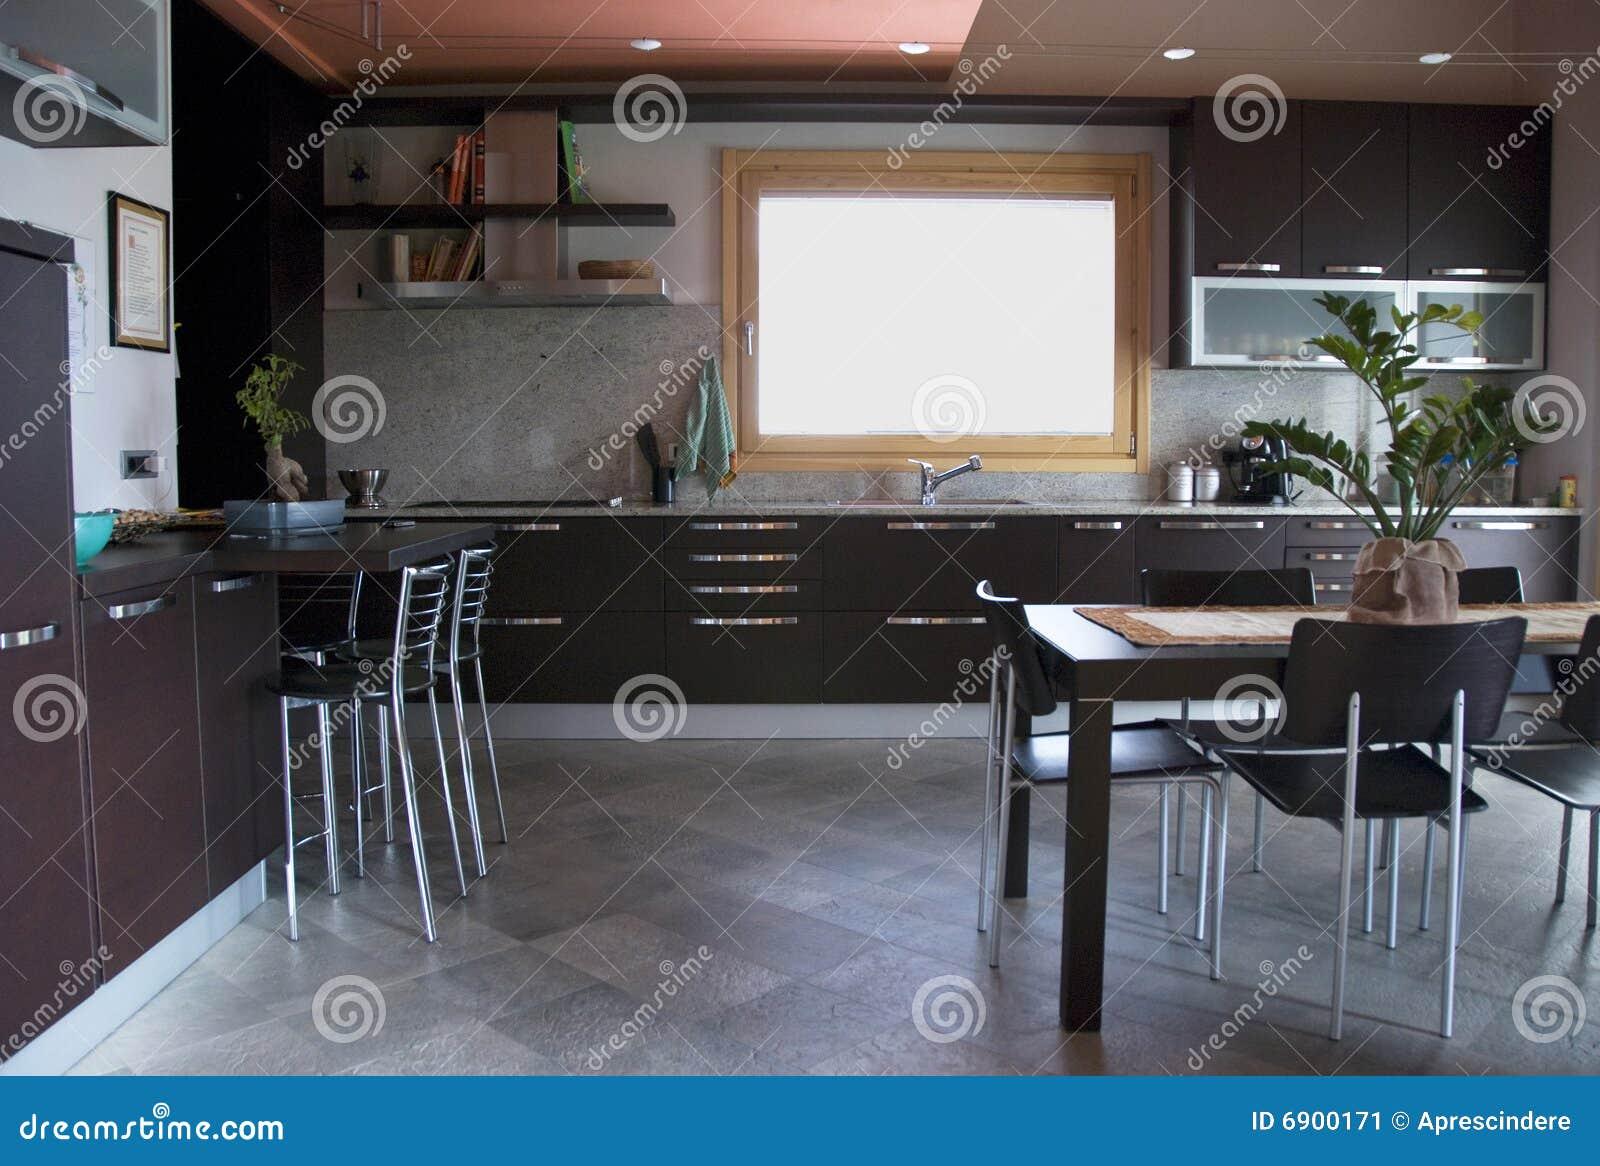 Moderne keuken - binnenland